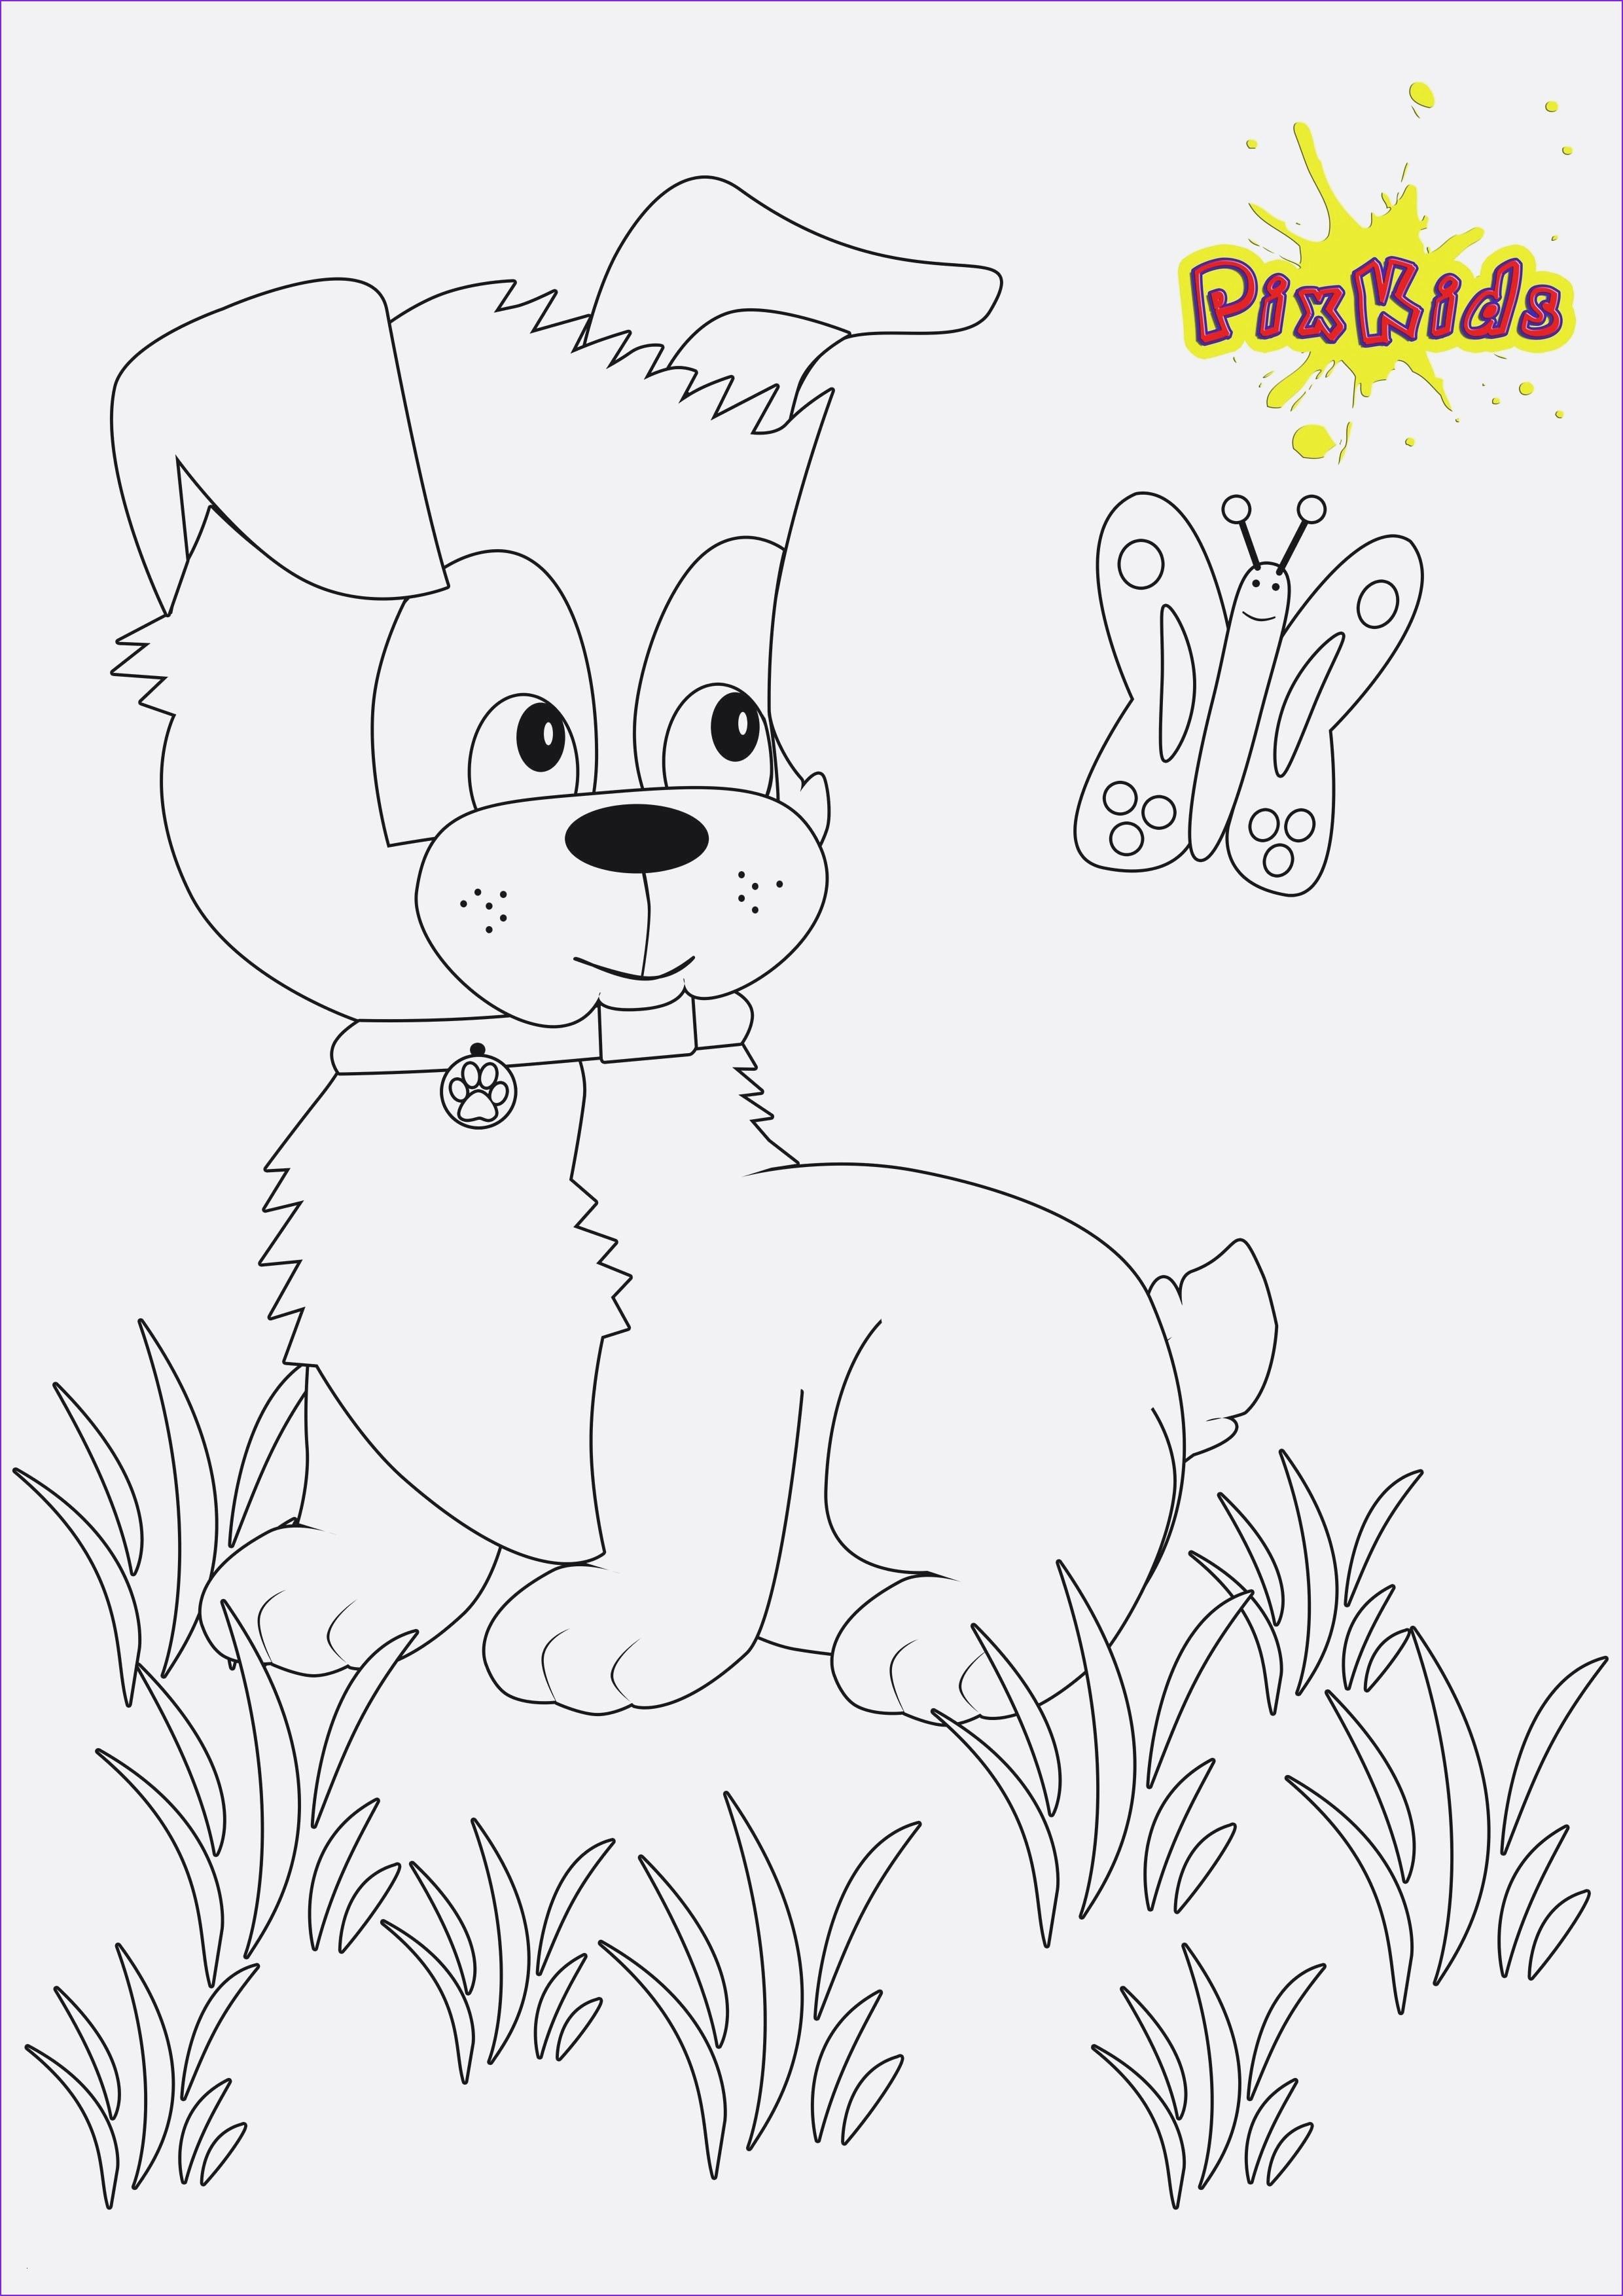 Glubschi Zum Ausmalen Inspirierend Spannende Coloring Bilder Ausmalbilder Glubschi Hund Frisch Hunde Sammlung